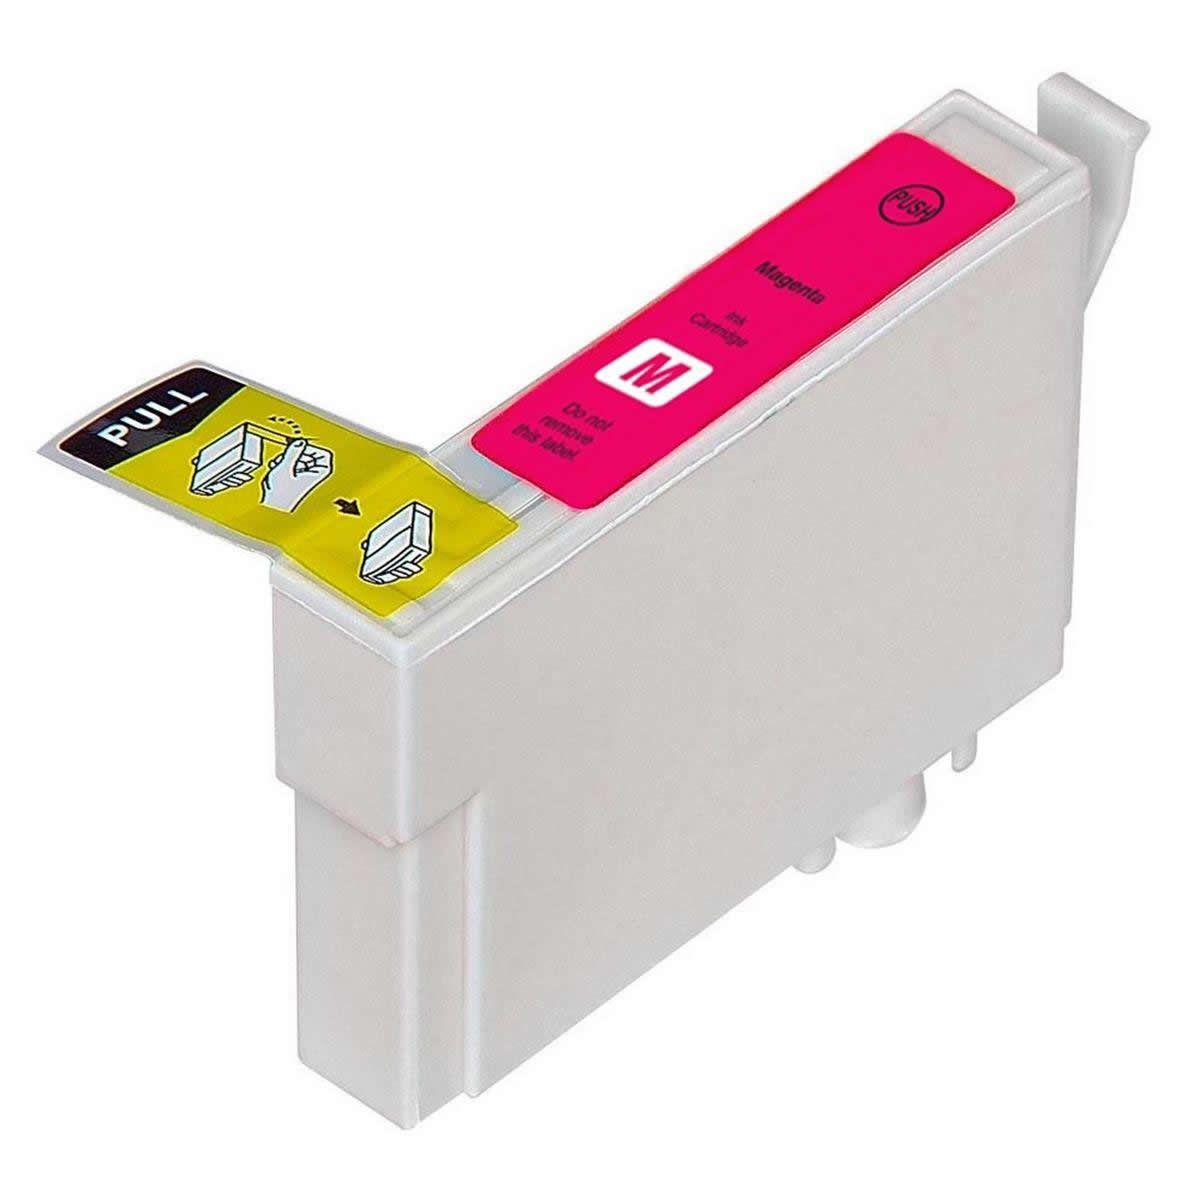 Cartucho TO823 Magenta Compatível para Epson T50 R270 R390 RX590